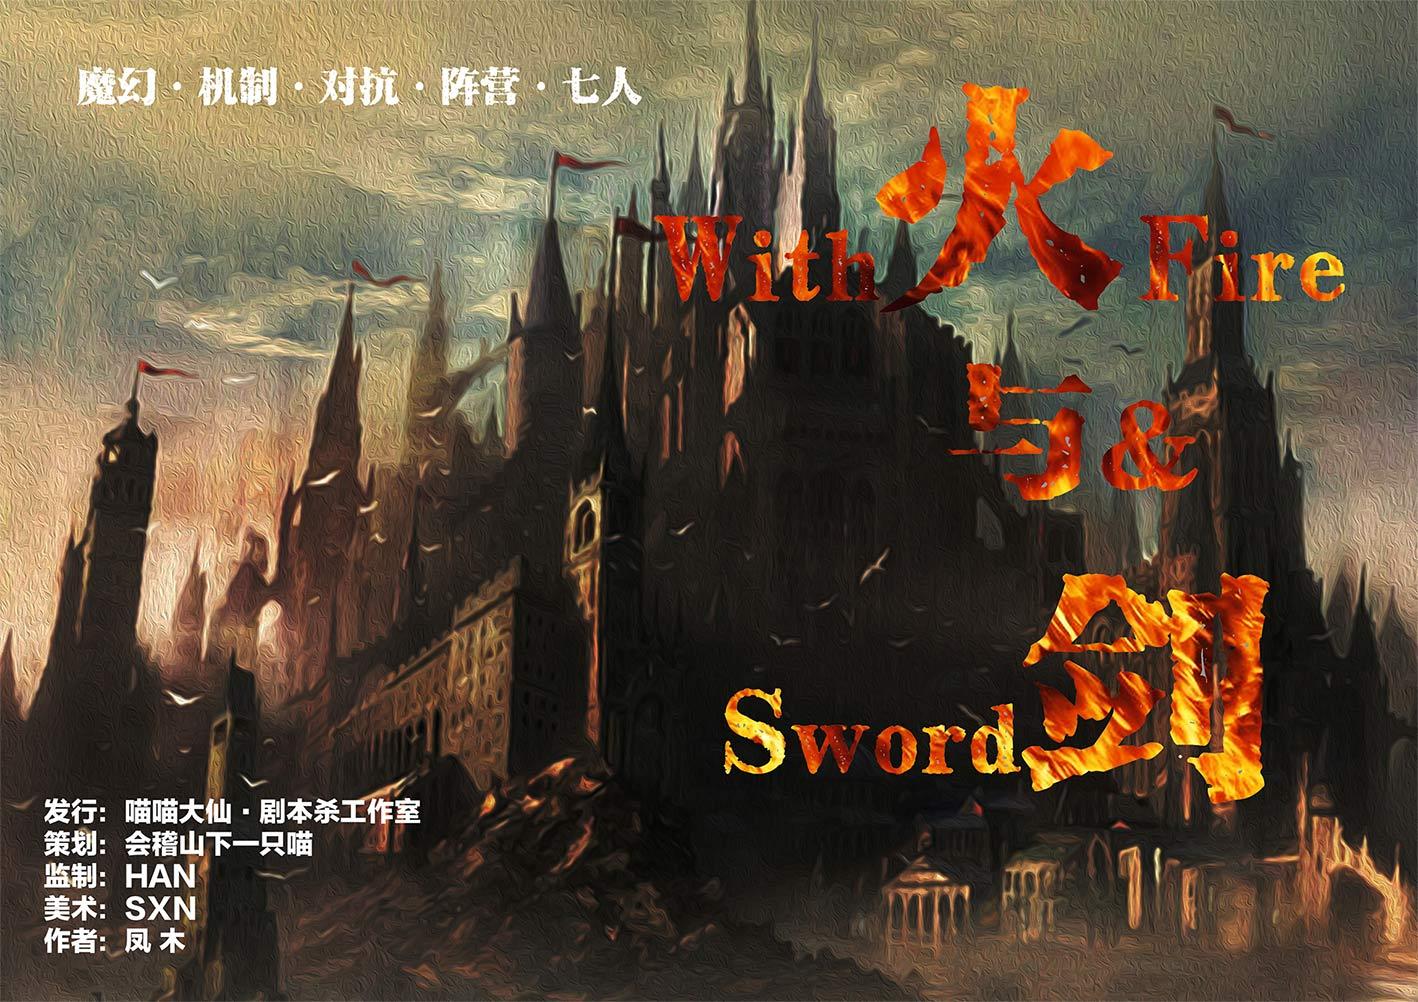 『火与剑』剧本杀复盘凶手是谁真相剧透解析